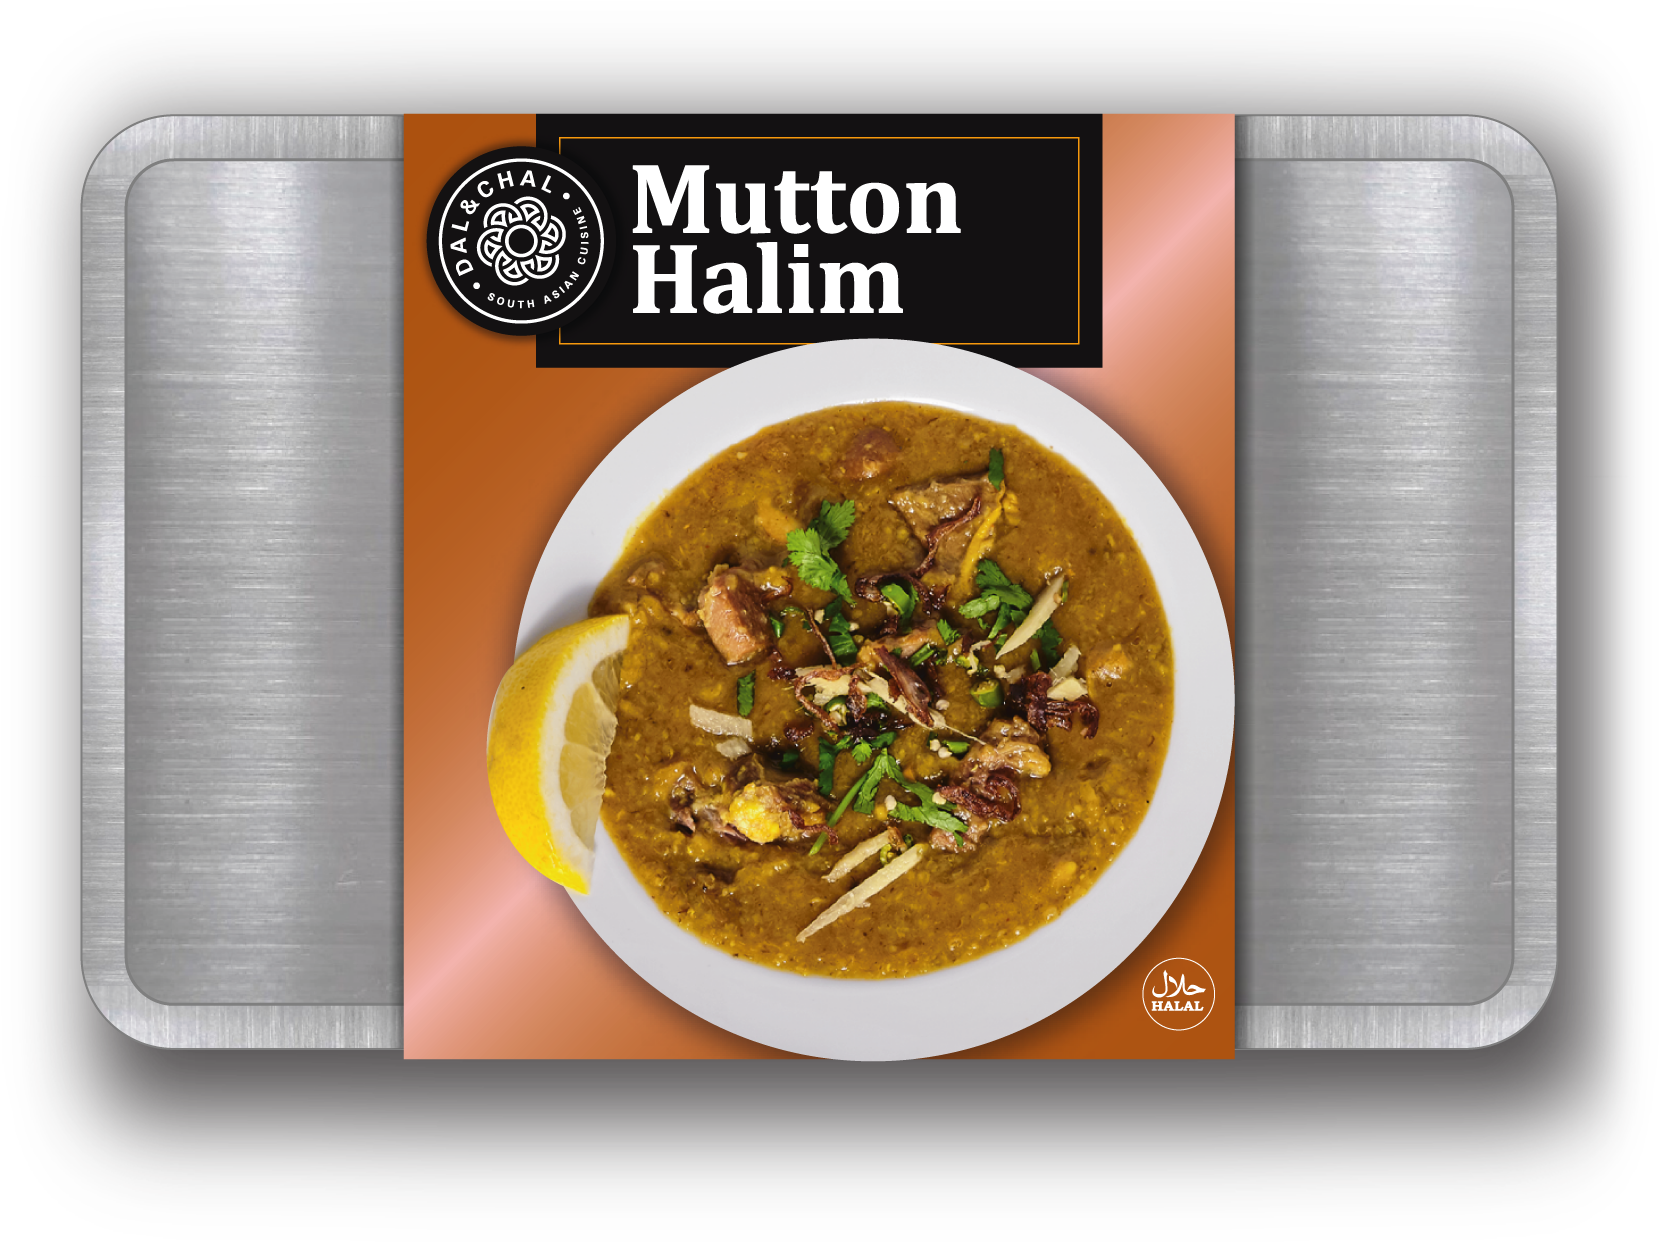 MUTTON HALIM